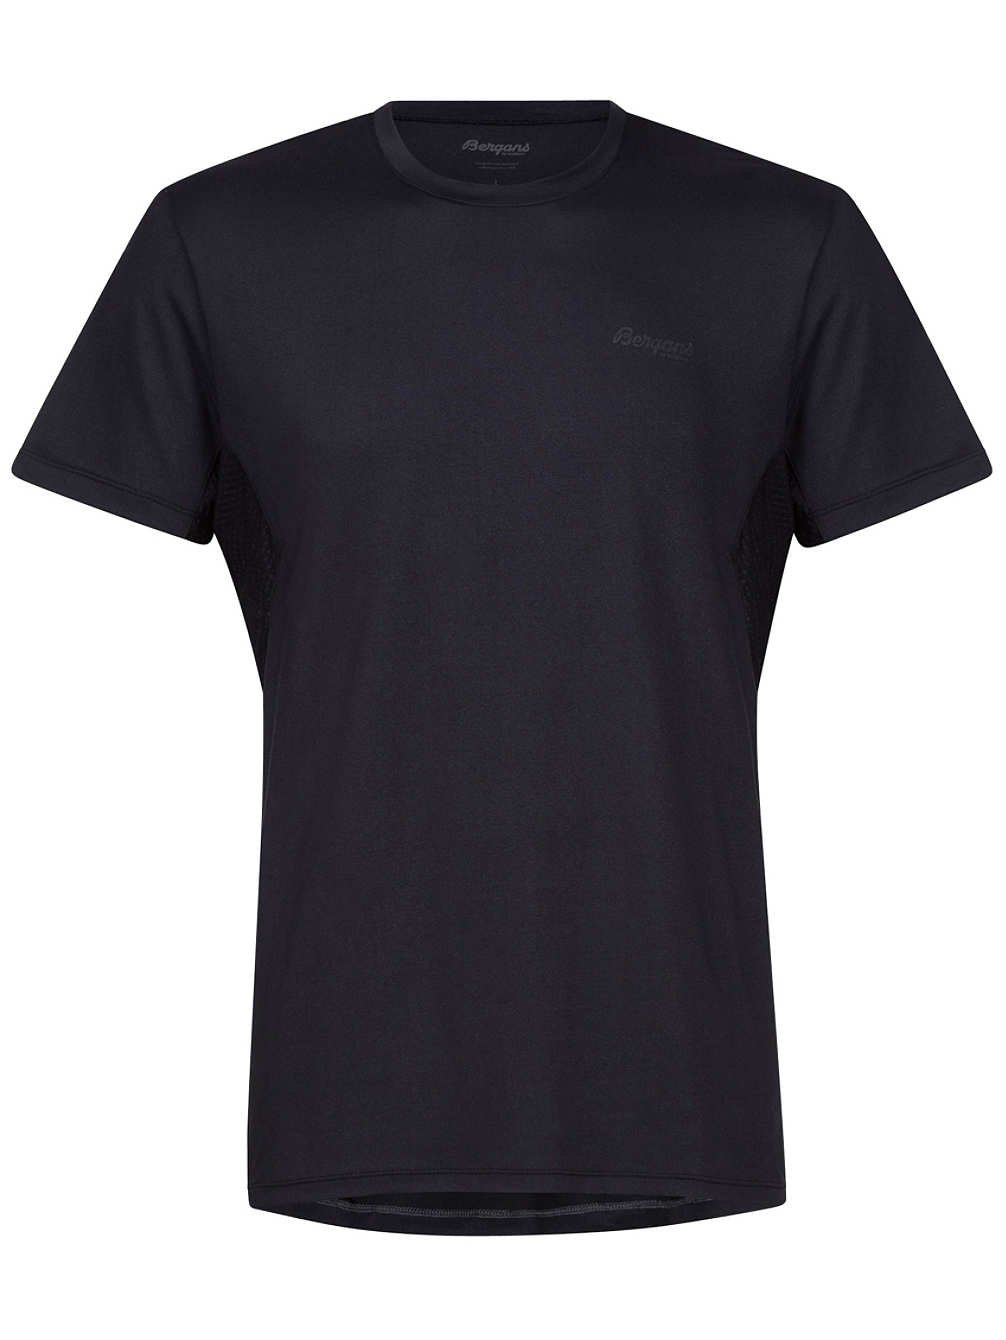 Bergans Floyen Tee Shirt Men - Funktionsshirt